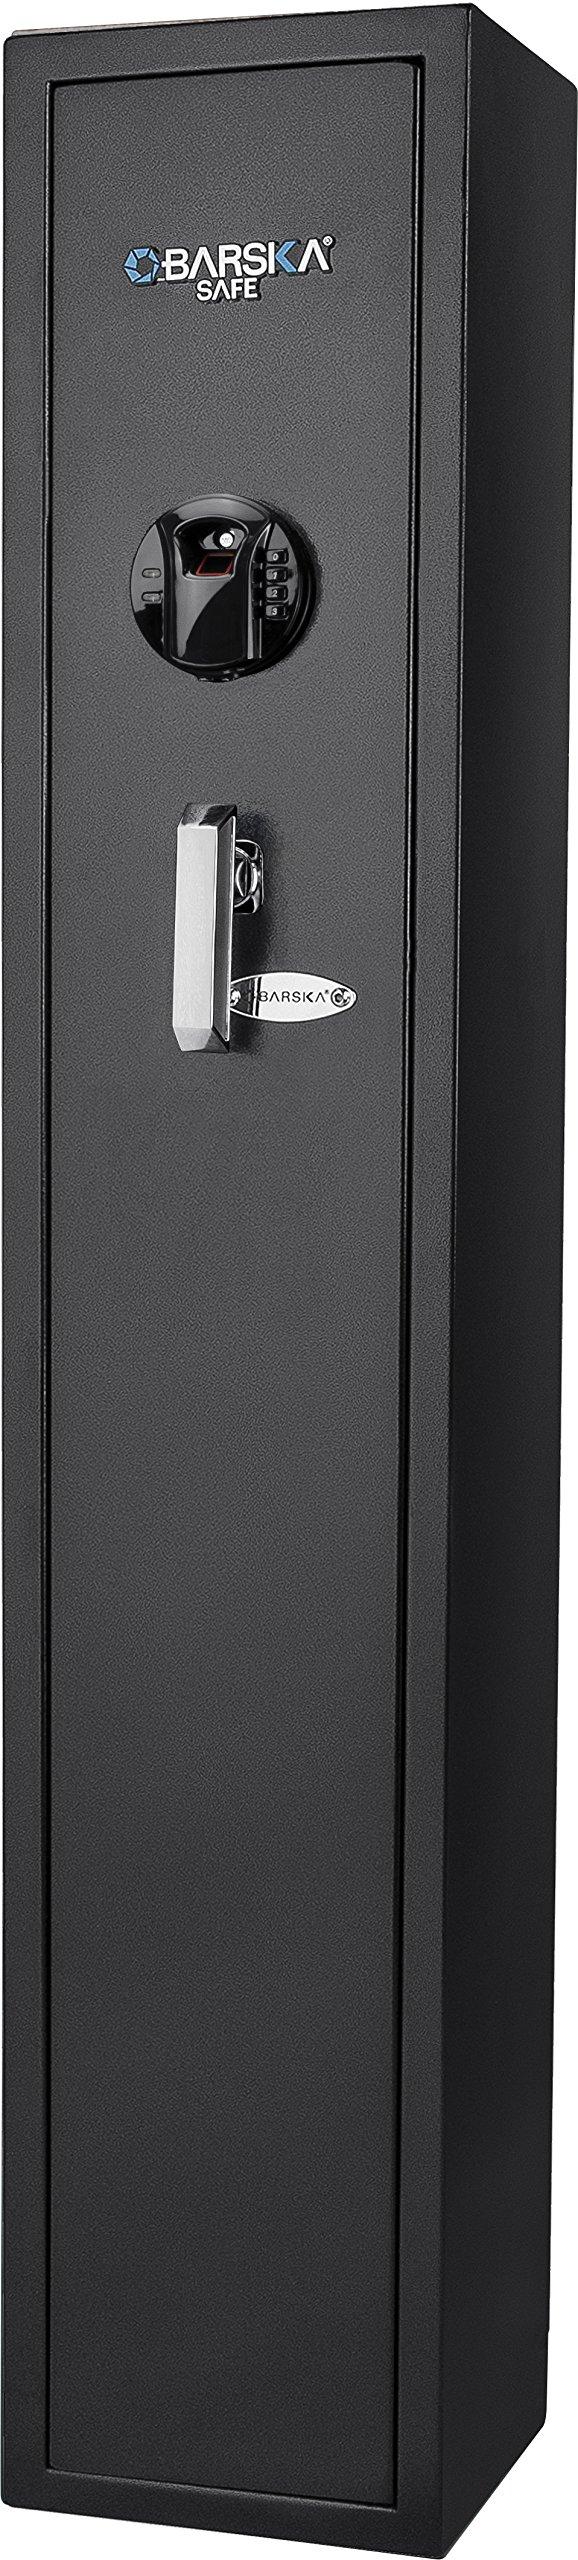 BARSKA New Large Quick Access Biometric Rifle Gun Safe Cabinet (9.8 in x 8.6 in x 52.17 in) by BARSKA